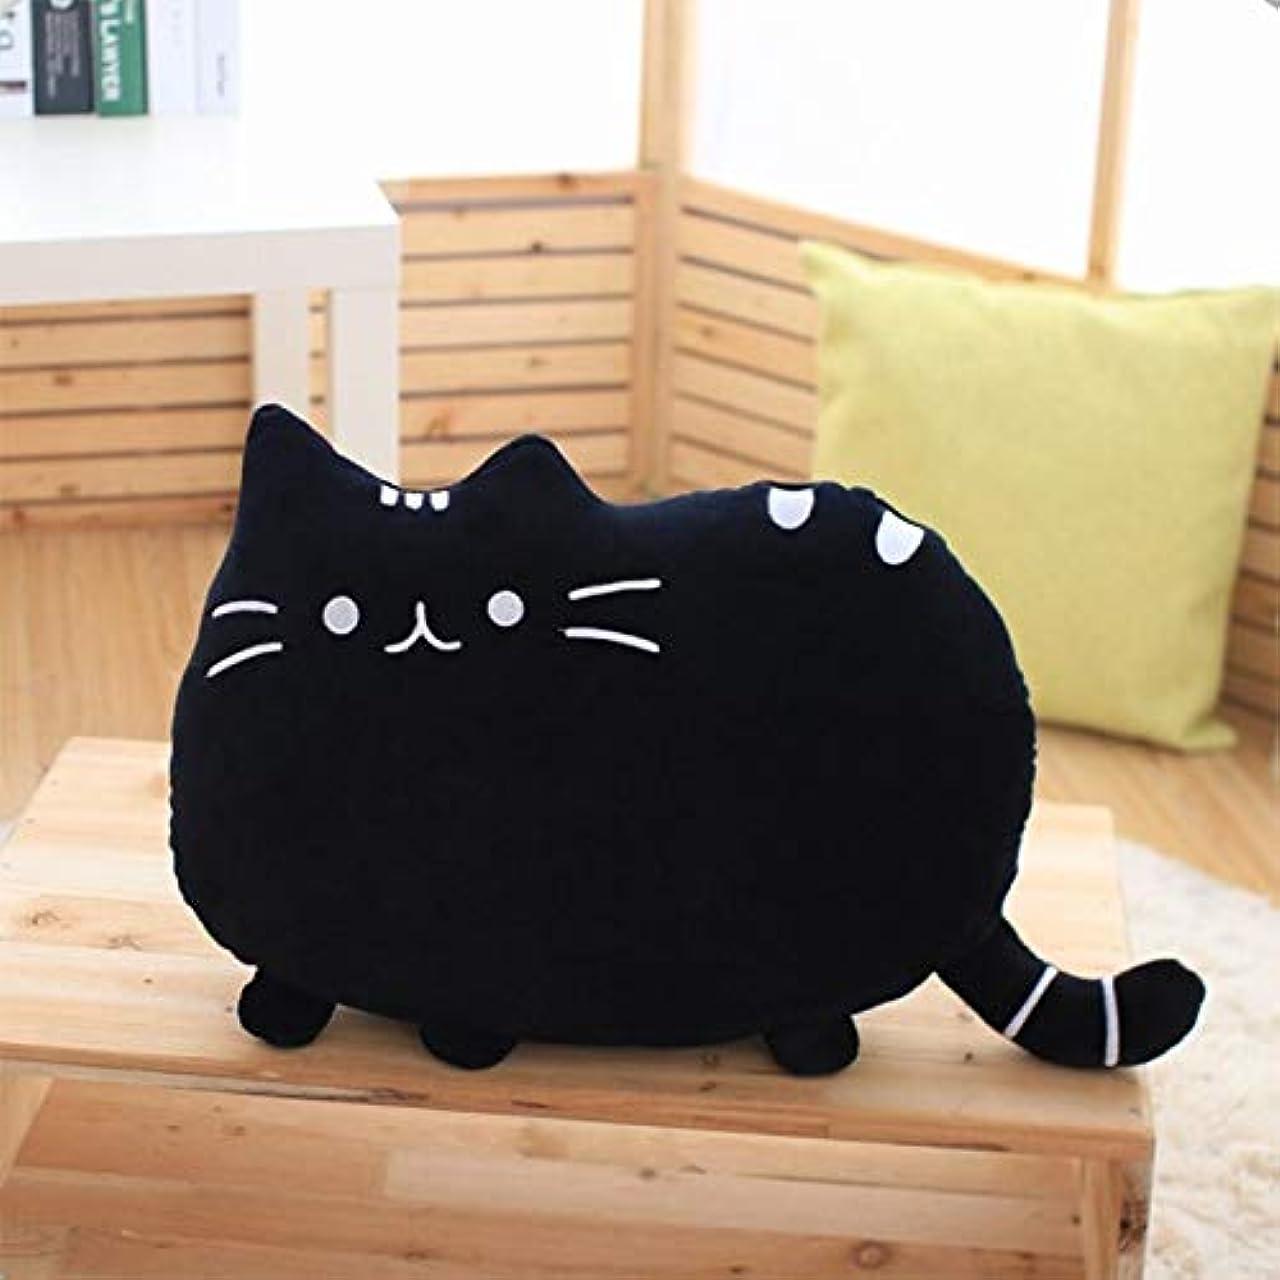 ピービッシュ安心快いLIFE8 色かわいい脂肪猫ベビーぬいぐるみ 20/40 センチメートル枕人形子供のための高品質ソフトクッション綿 Brinquedos 子供のためのギフトクッション 椅子